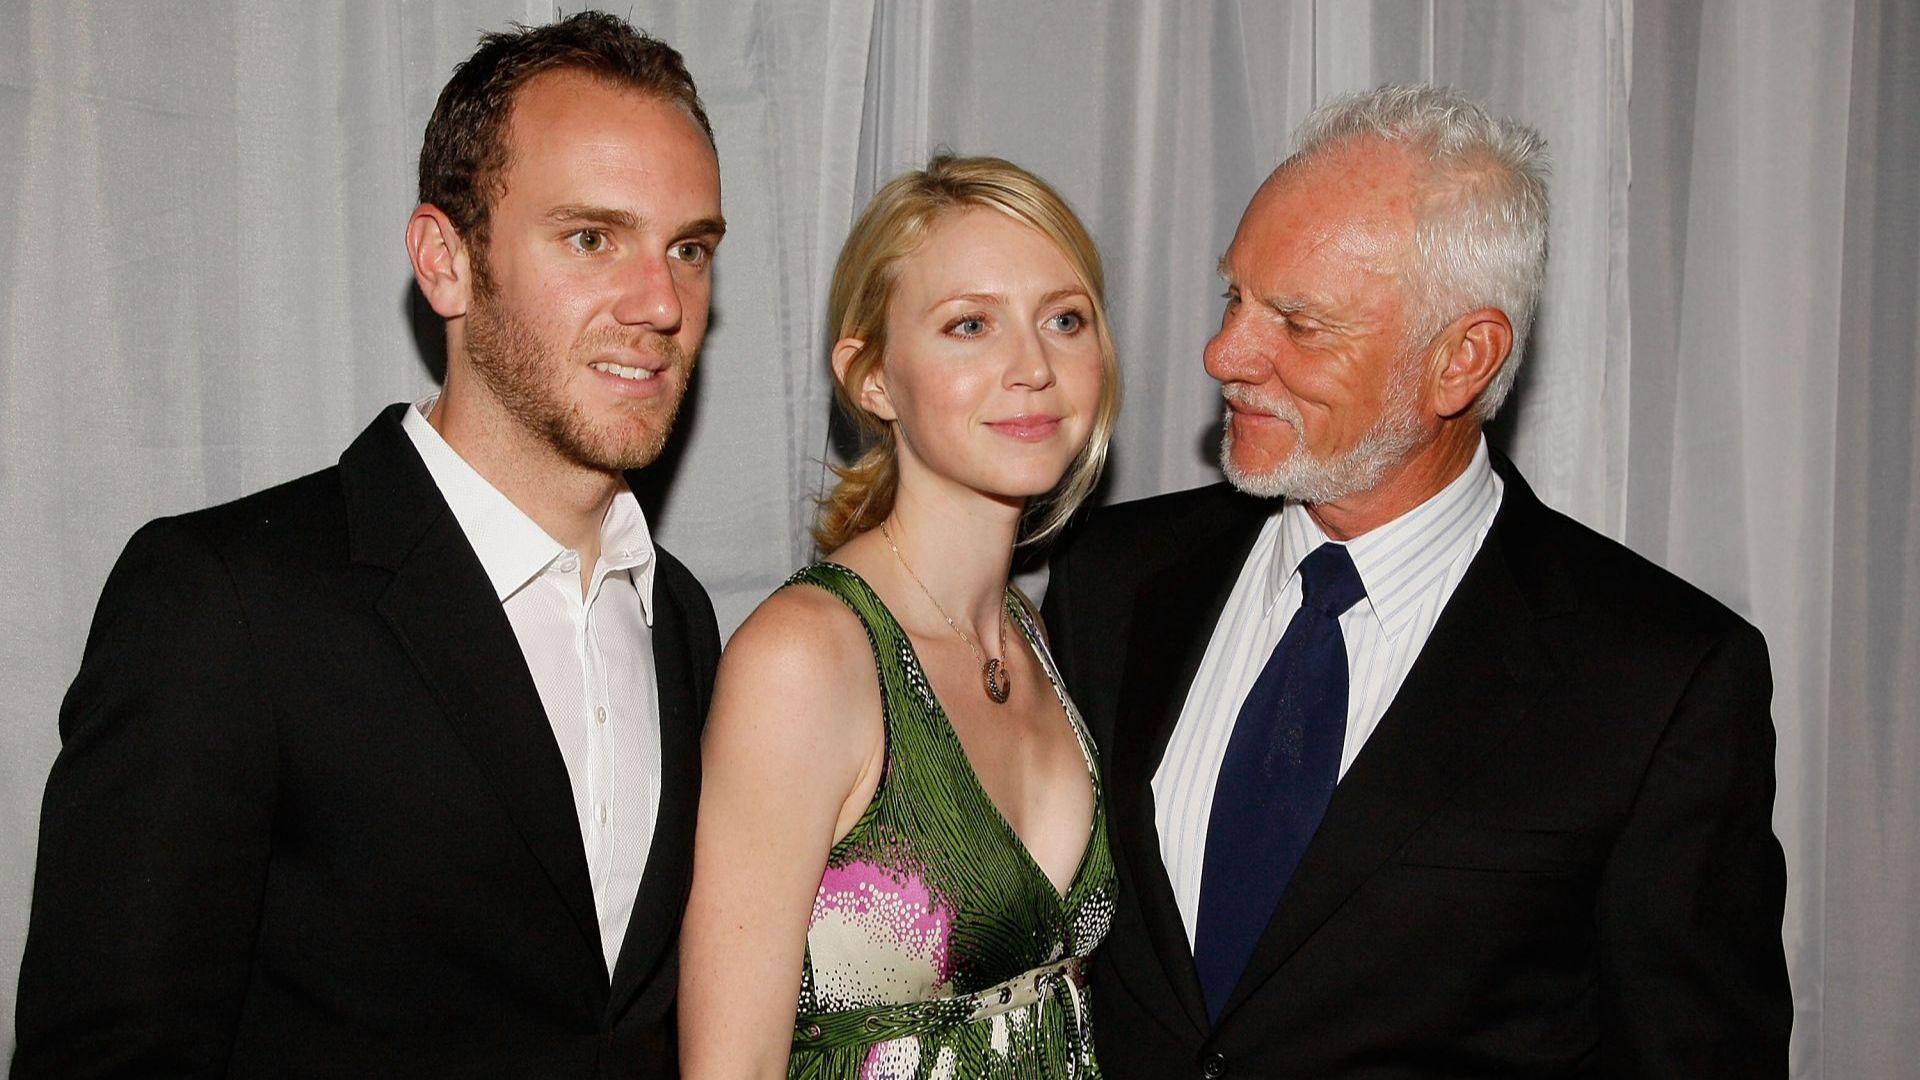 Малкълм Макдауъл позира със сина си Чарли и дъщеря си Лили